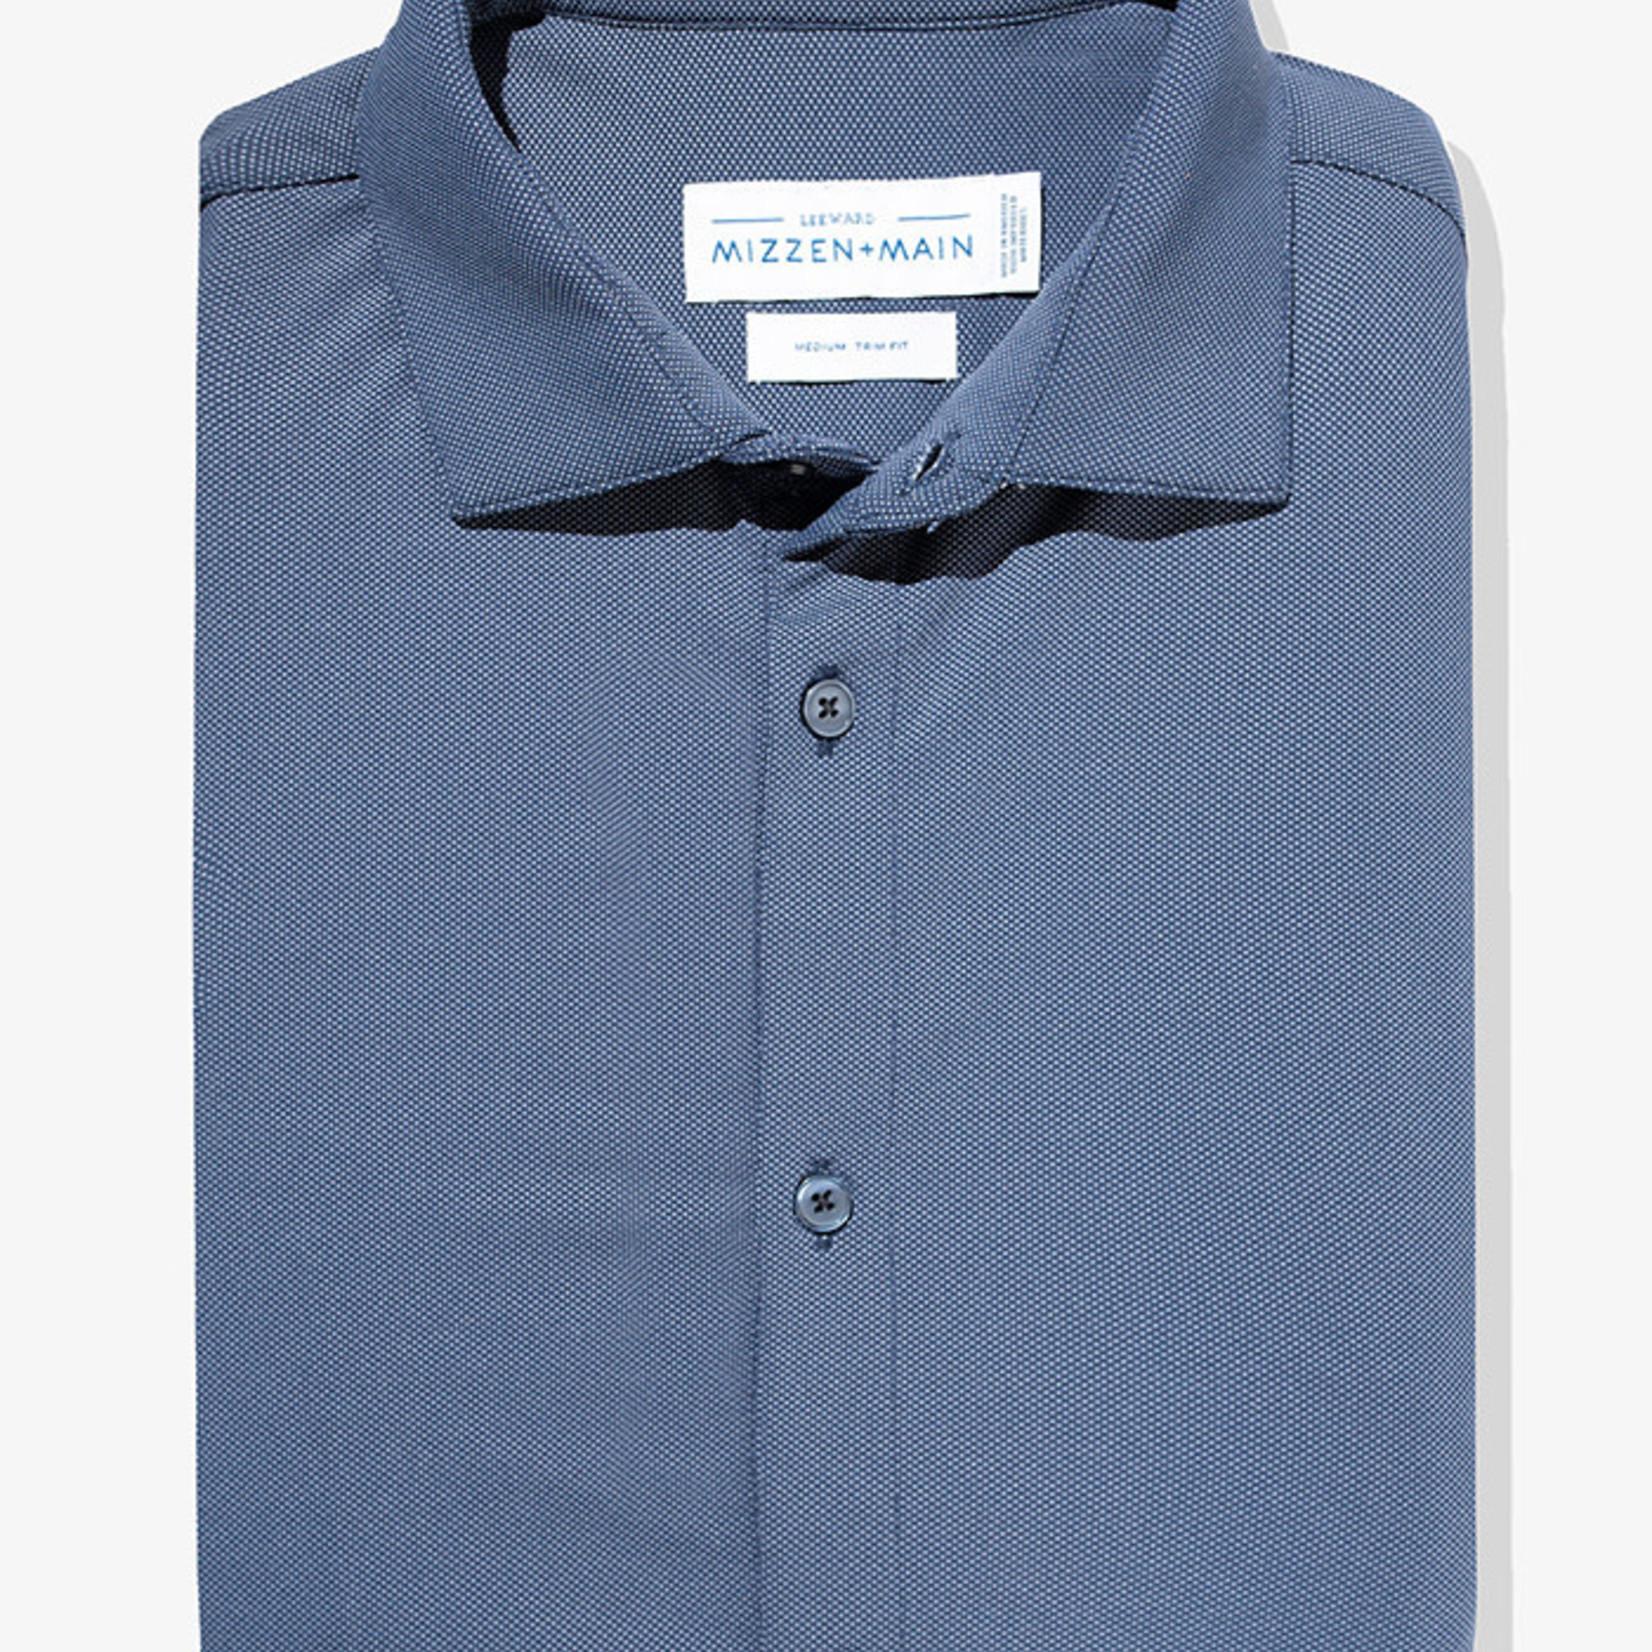 Mizzen + Main Mizzen + Main Sport Shirt